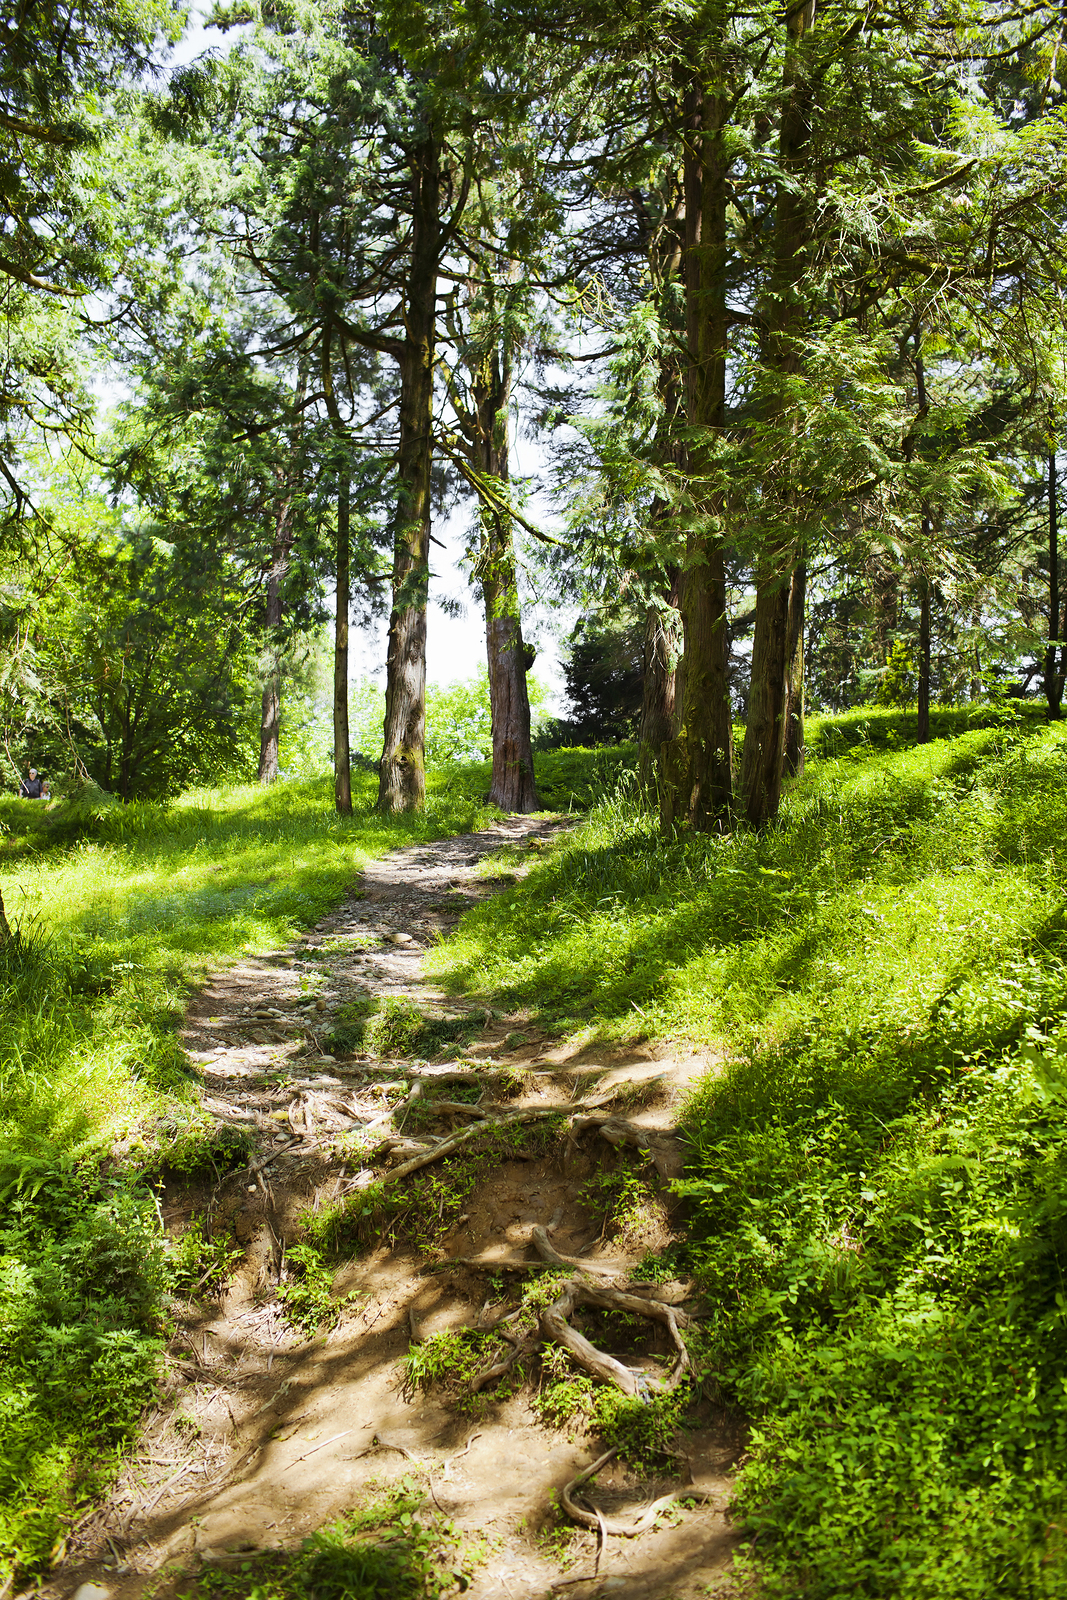 Buford home owners go hiking and biking.